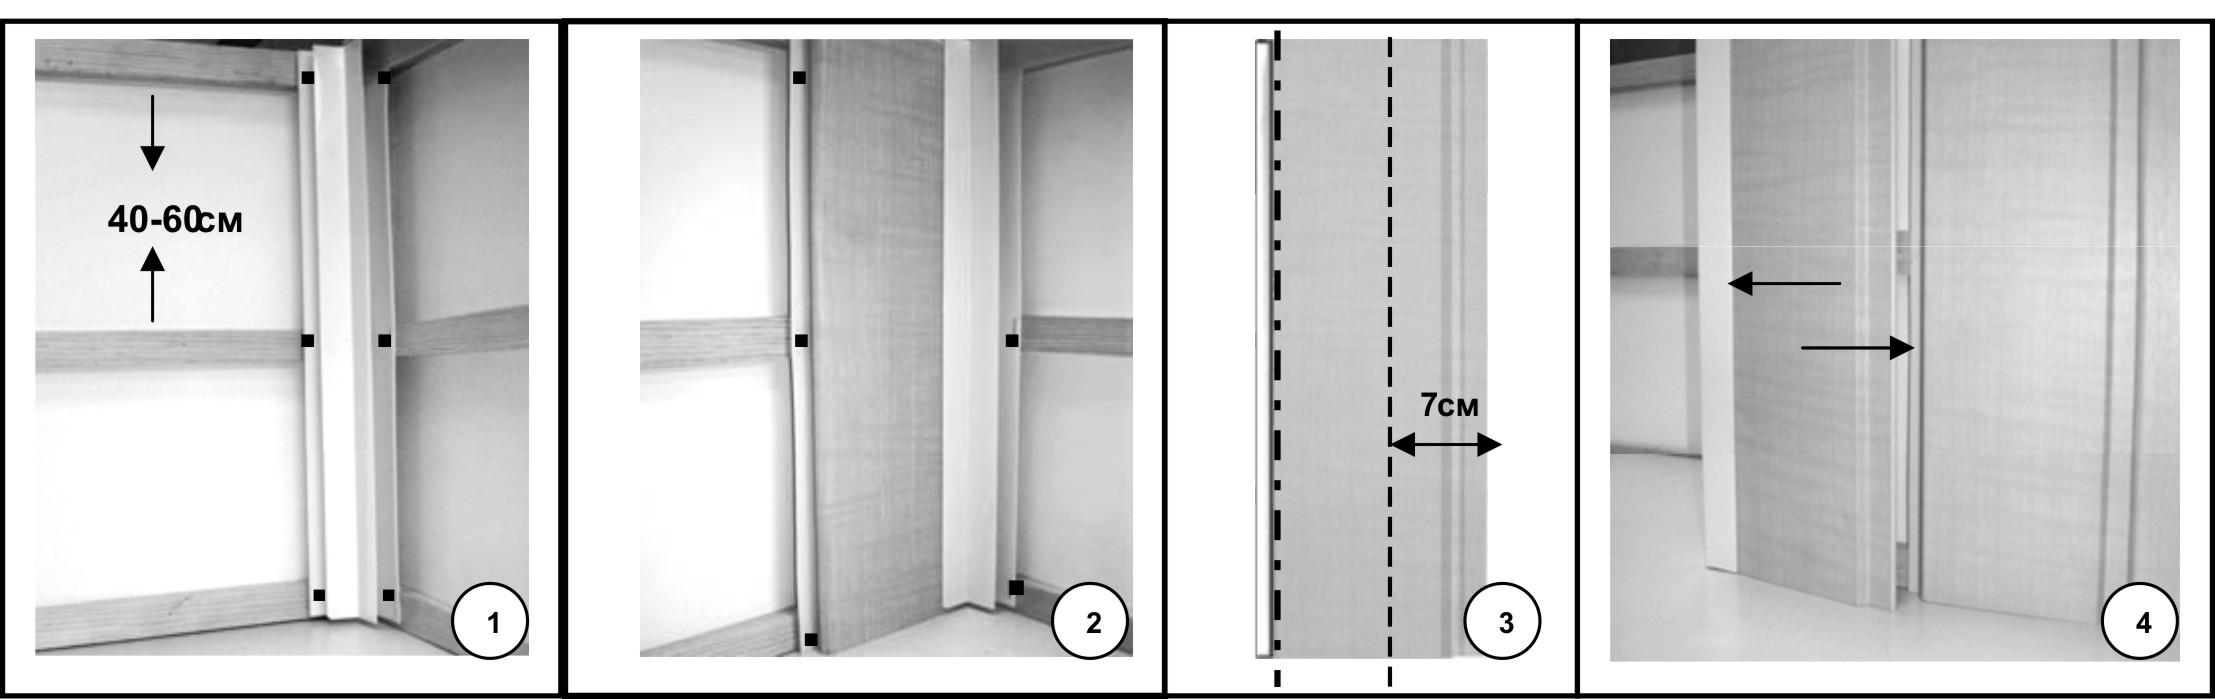 Как сделать дверь из панелей пвх своими руками